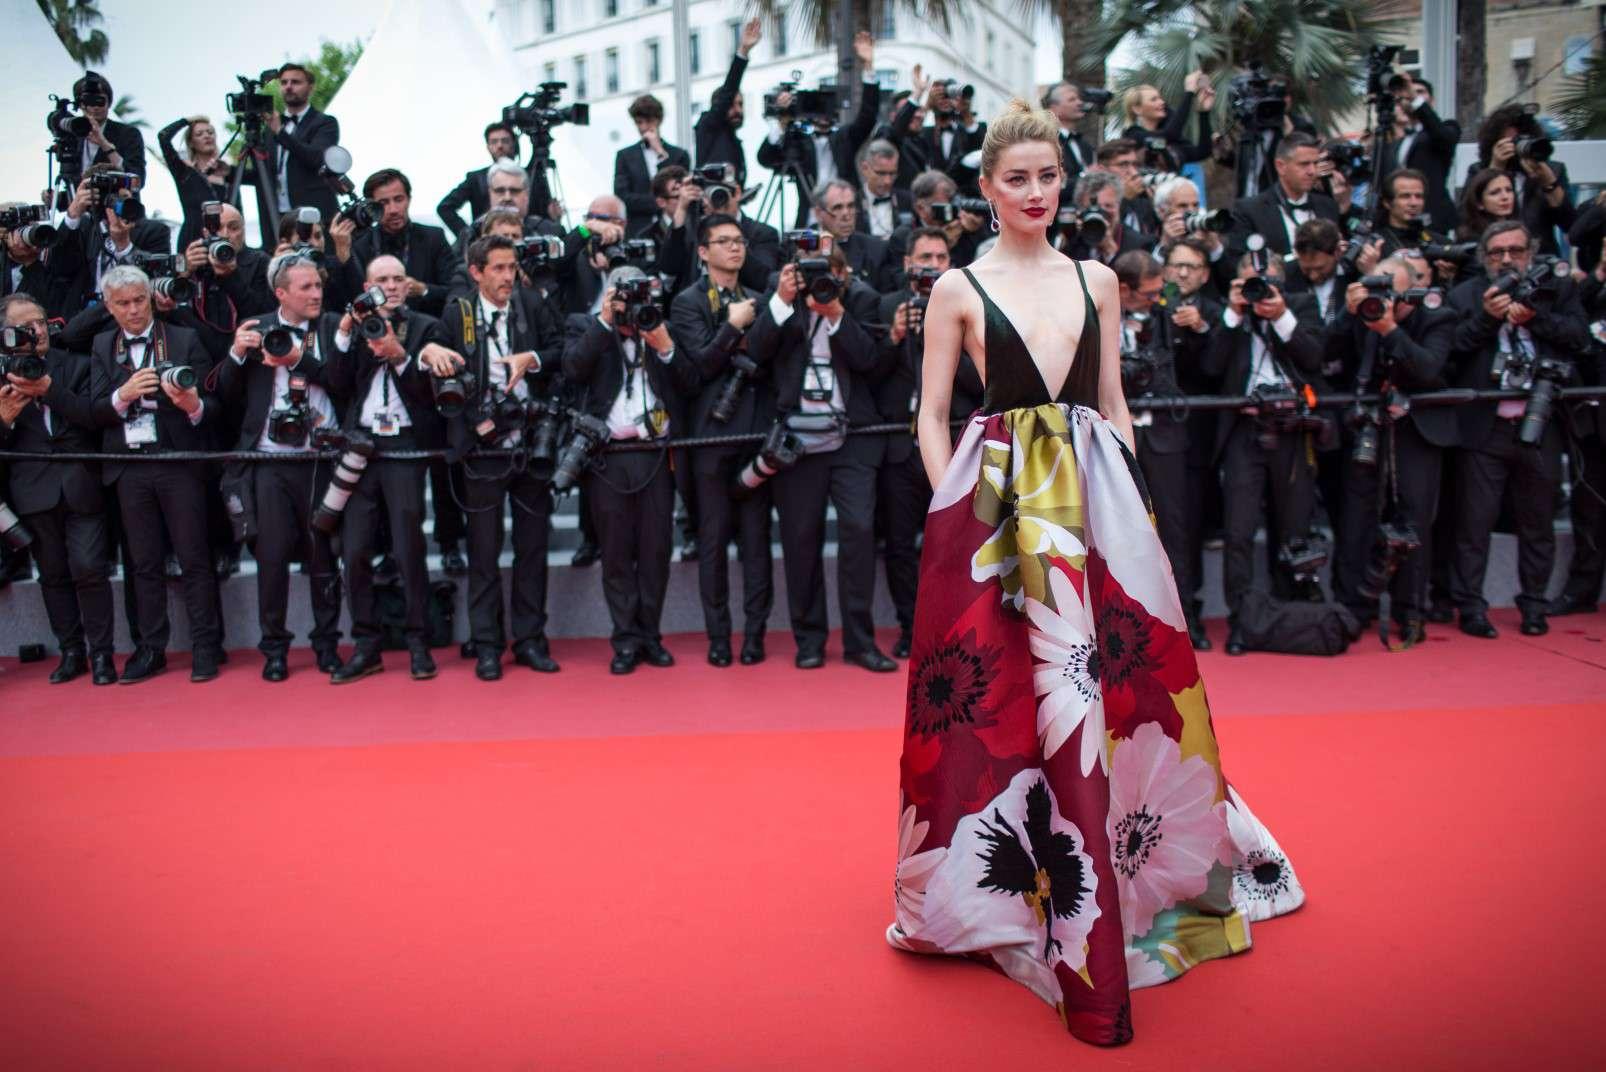 Cannes 2018, Amber Heard wearing de Grisogono jewellery, photo courtesy of de Grisogono